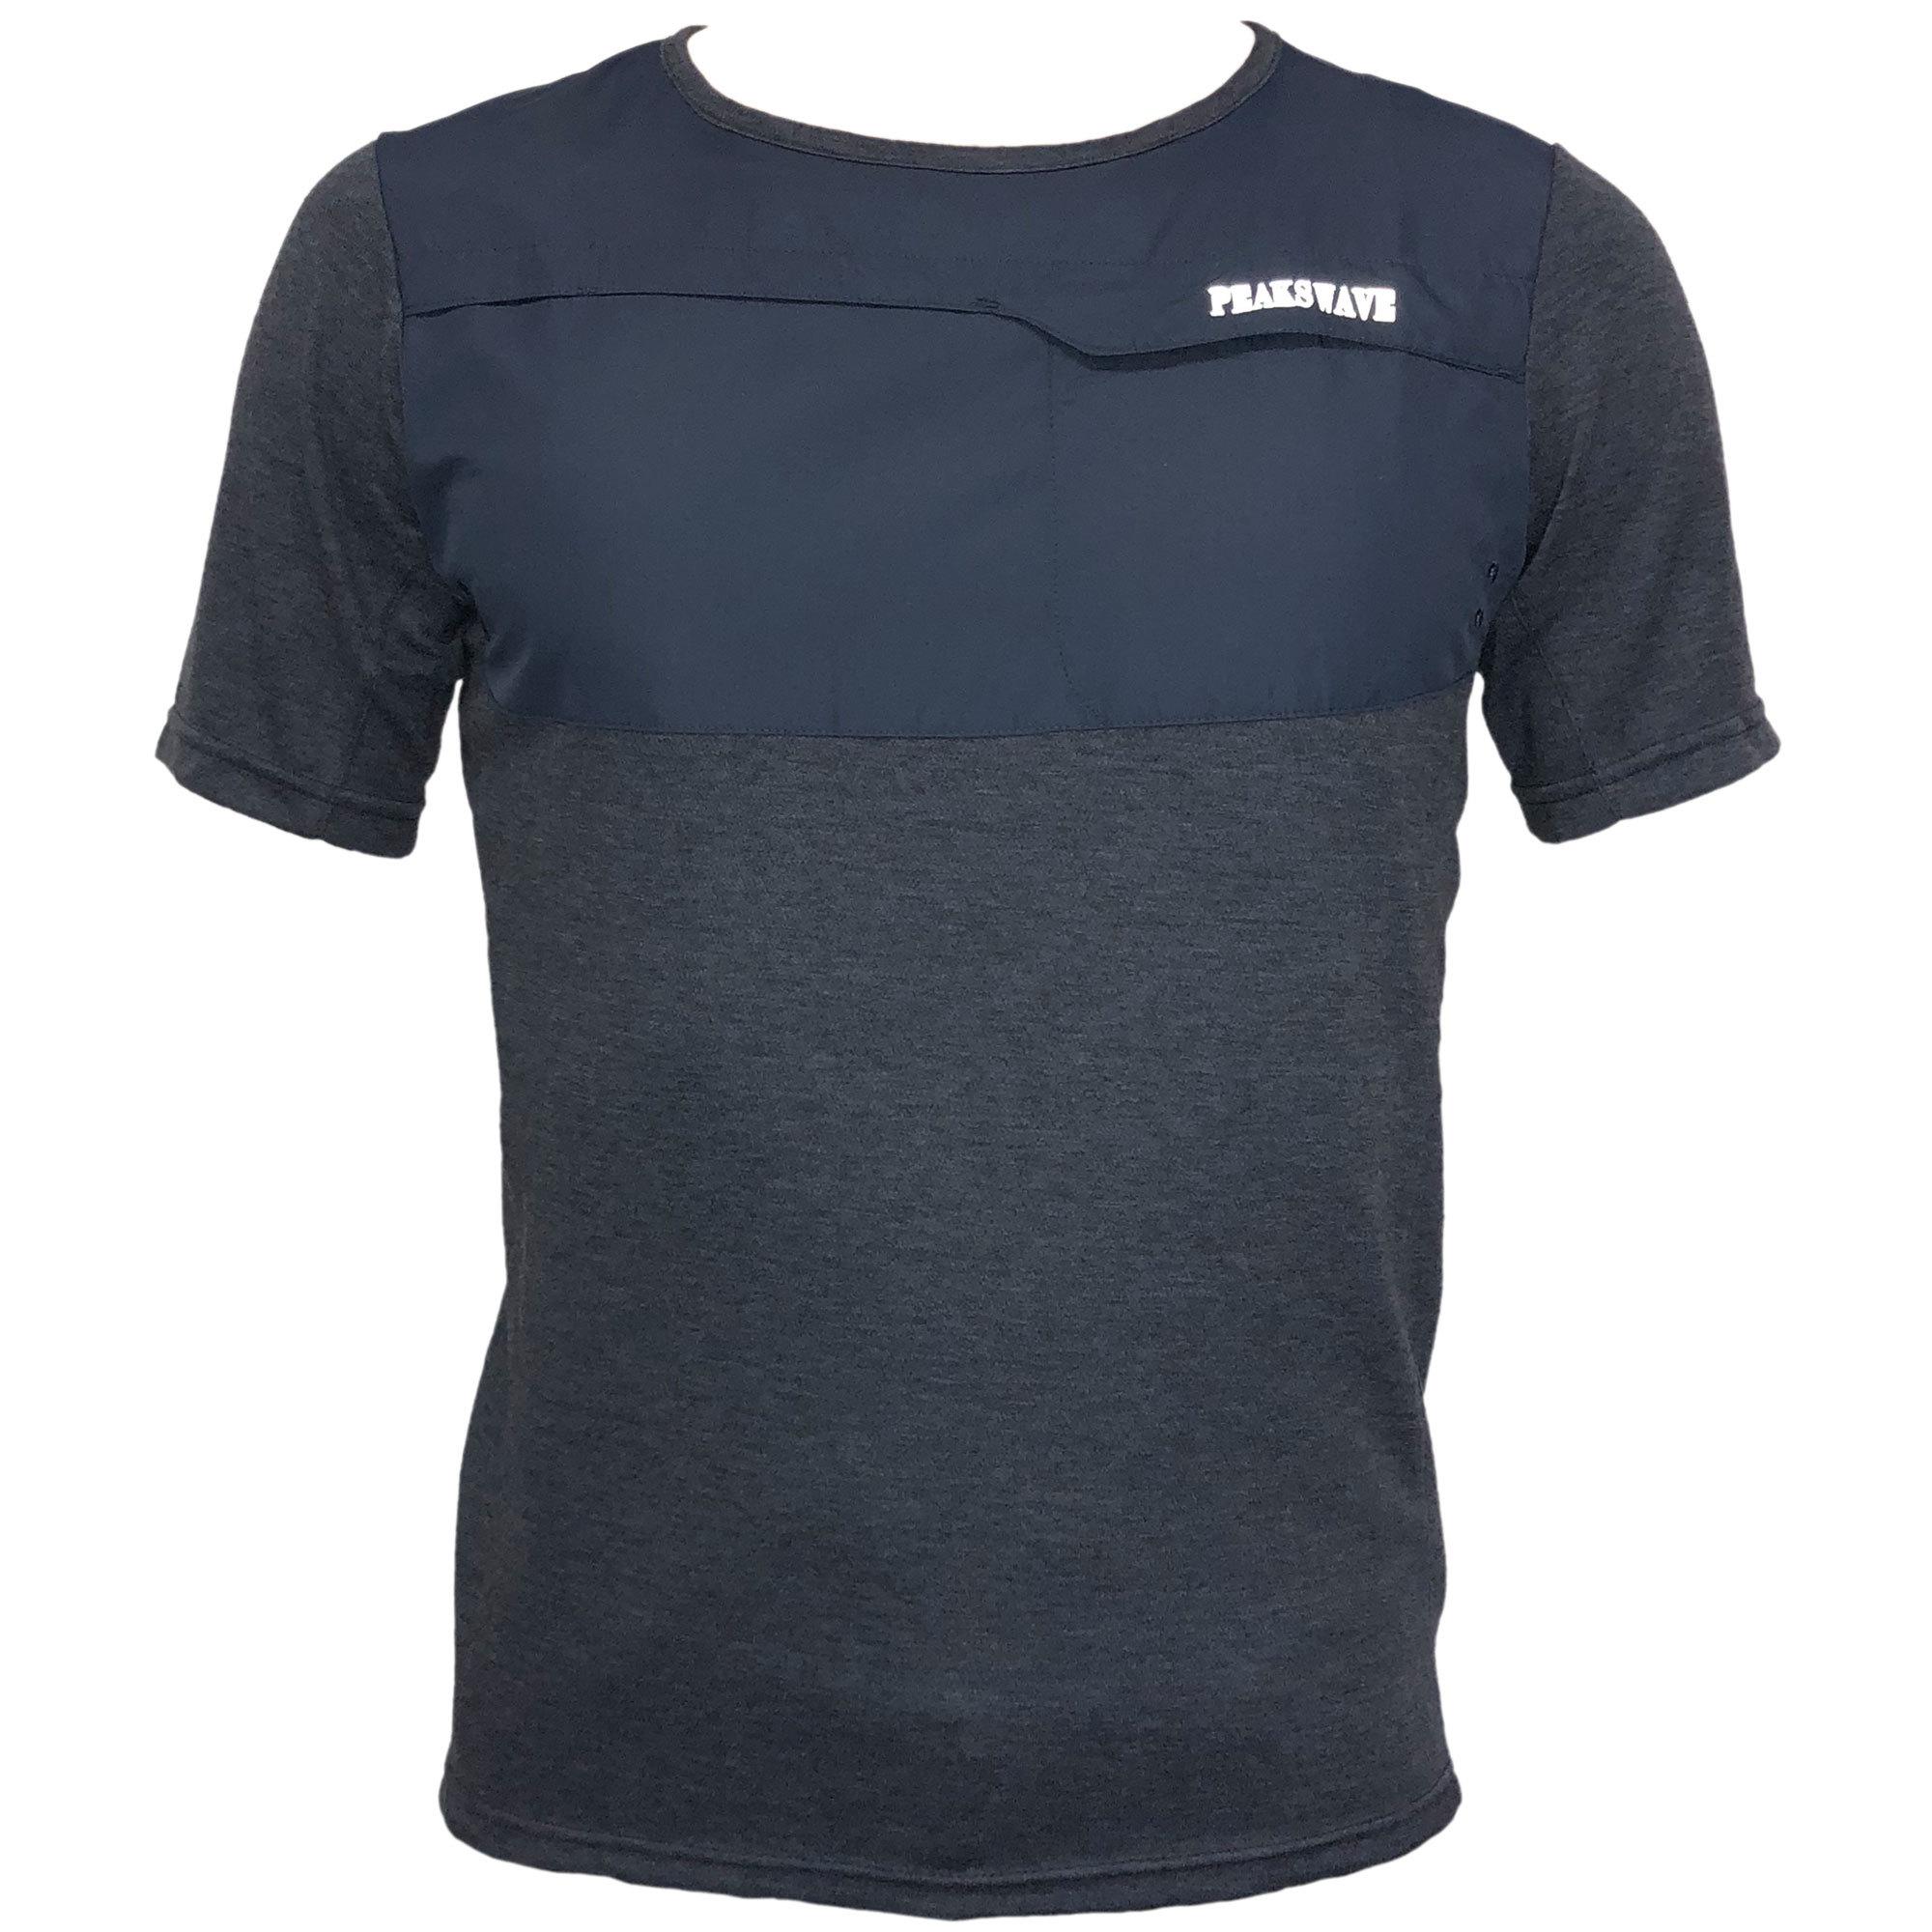 P818TSM20 吸水速乾 UV メンズハイブリッドTシャツ(ネイビー)